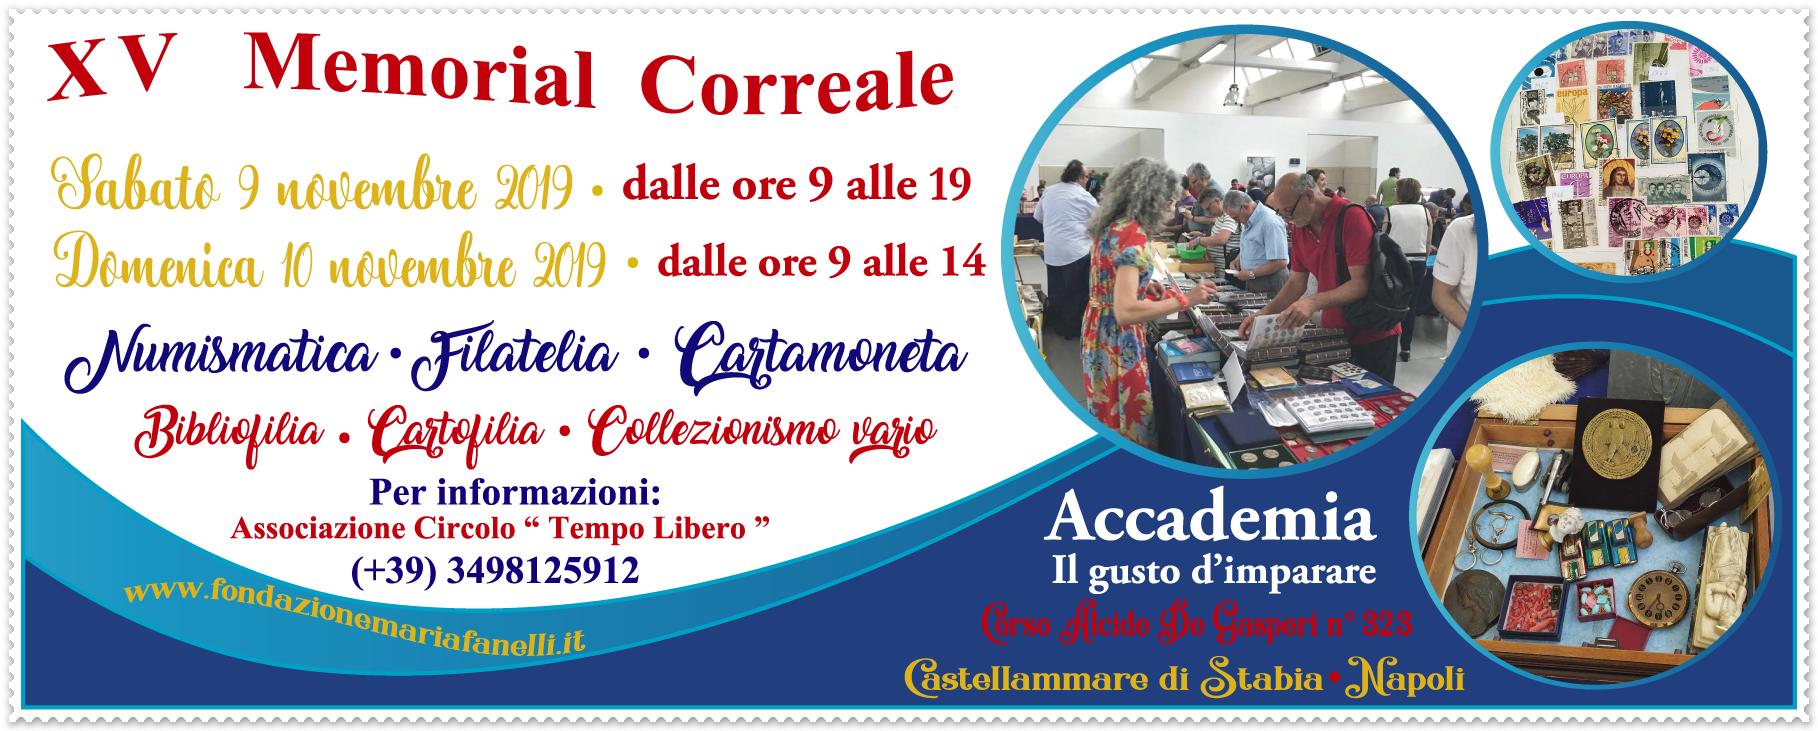 XV Memorial Correale – 9/10 Novembre 2019 (Castellammare di Stabia)